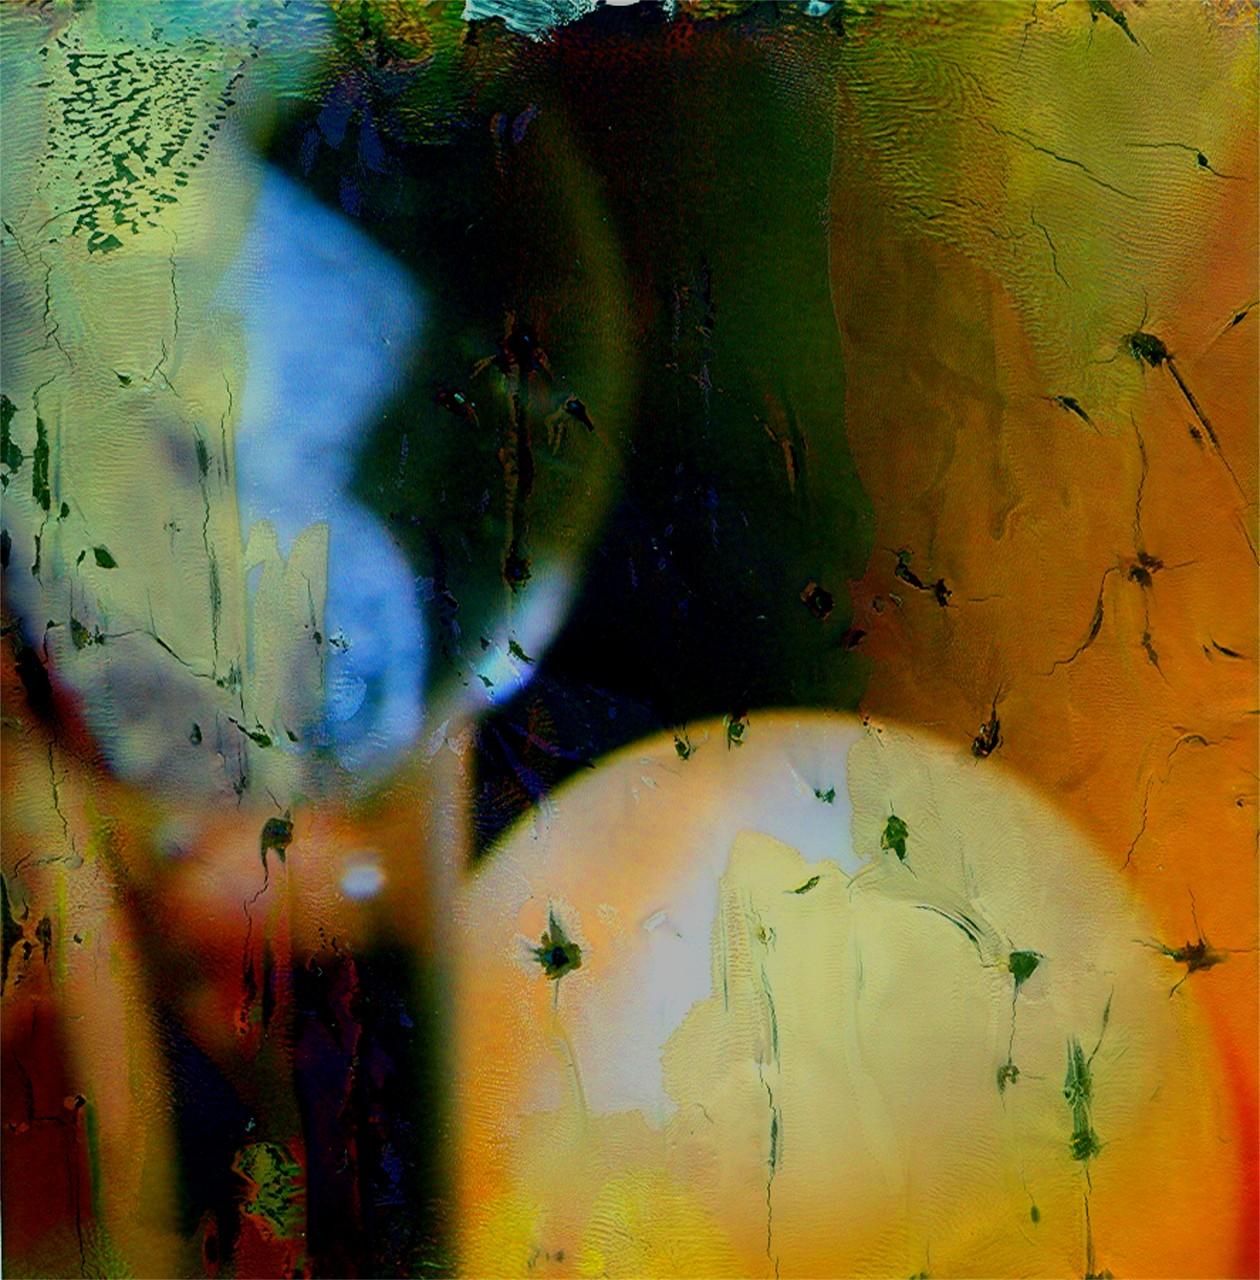 Lichtbild 30 Echter Foto-Abzug unter Acrylglas 56,8 x 58 cm